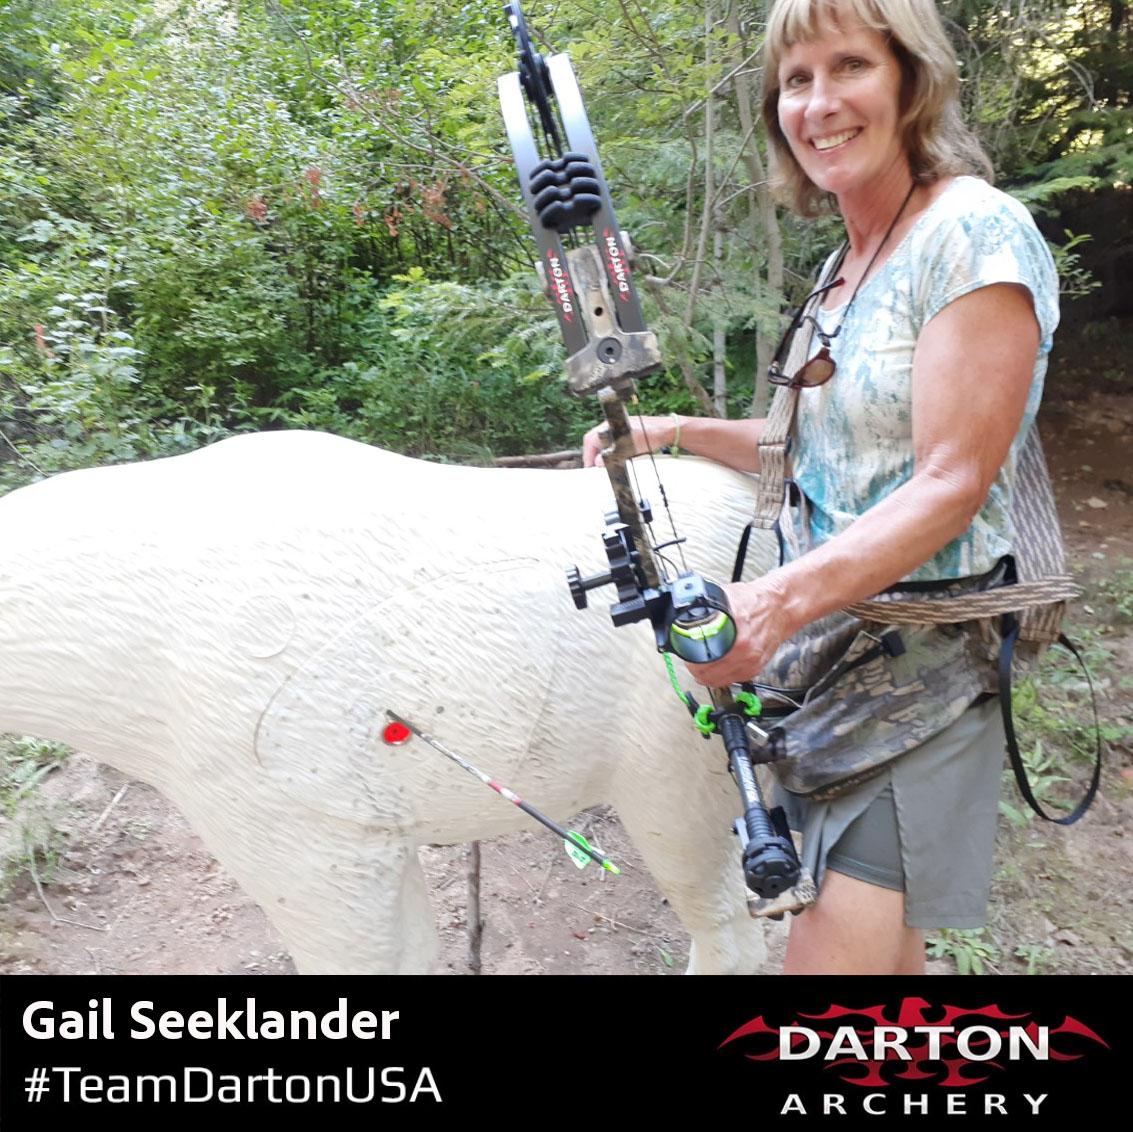 Gail Seeklander